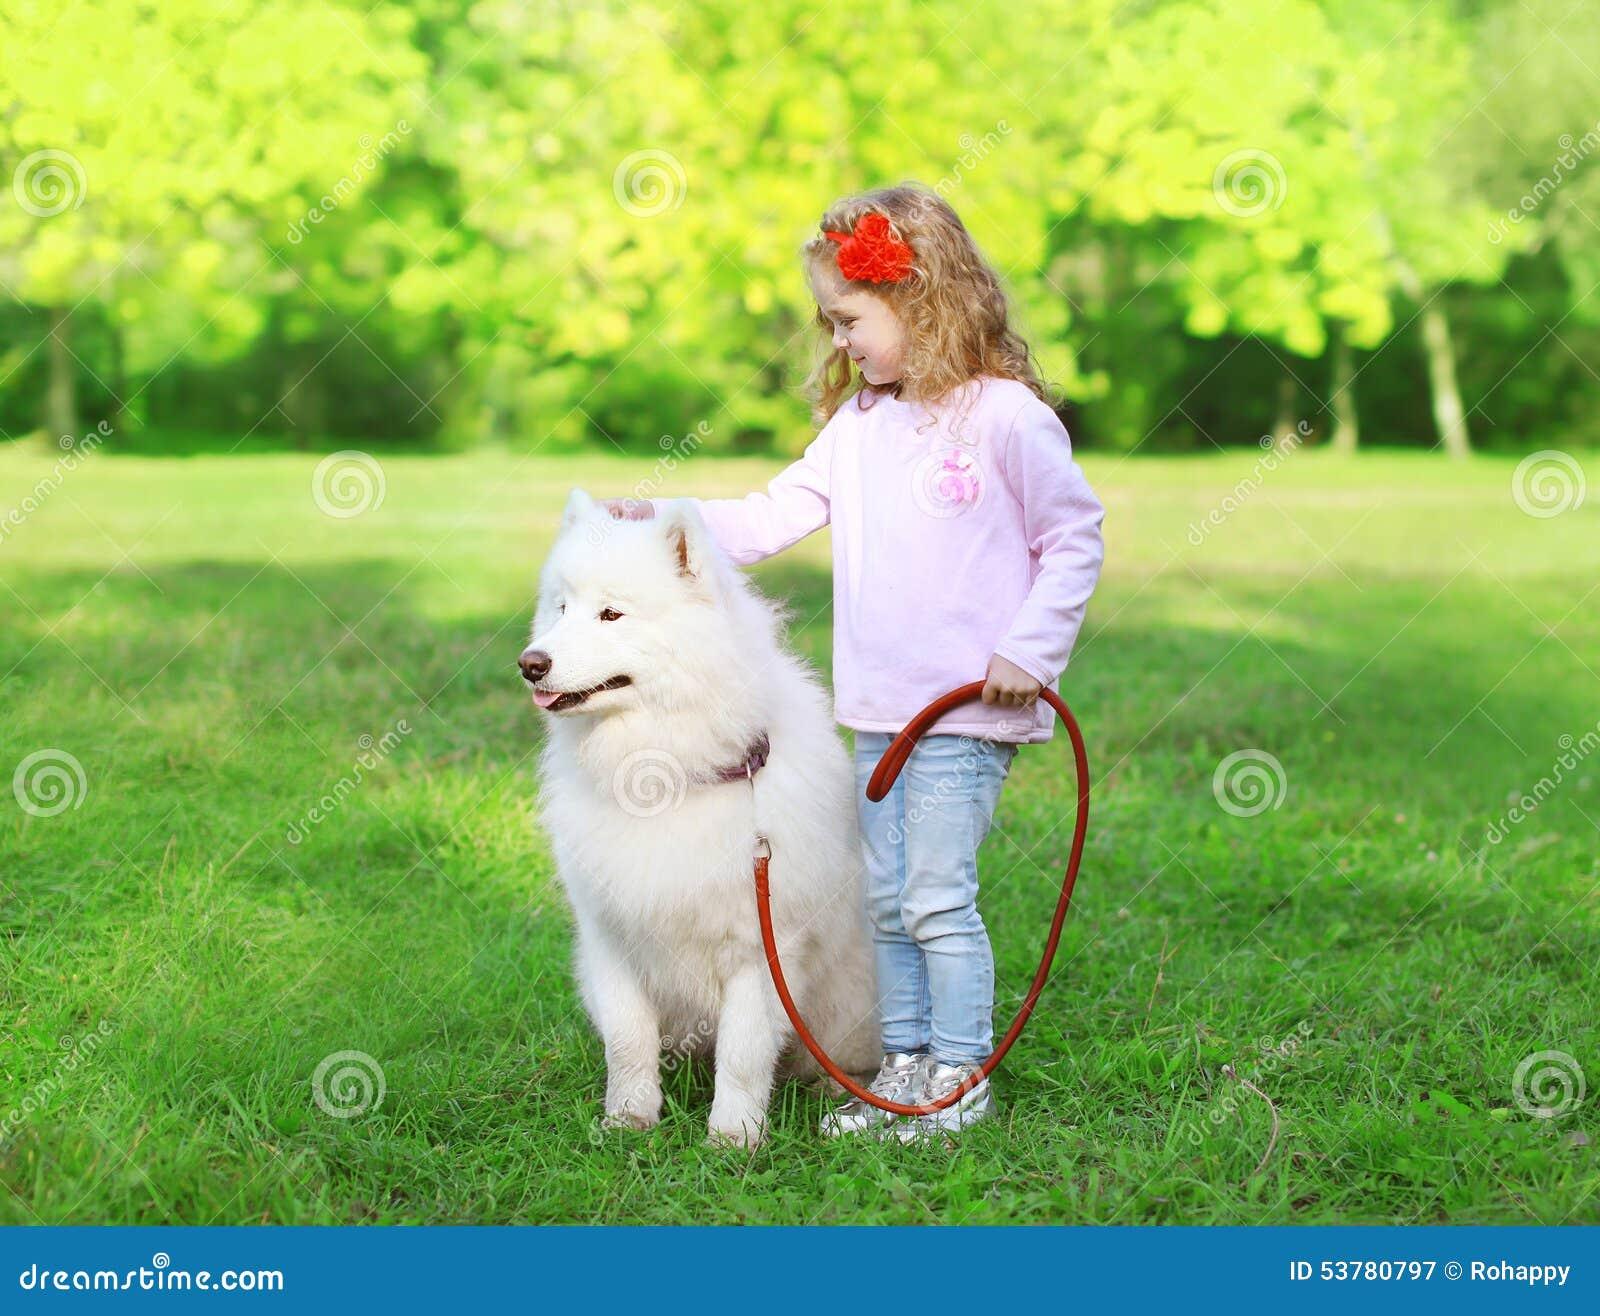 人和动物生的孩子_有白色萨莫耶特人狗的孩子在草在晴朗的夏日.